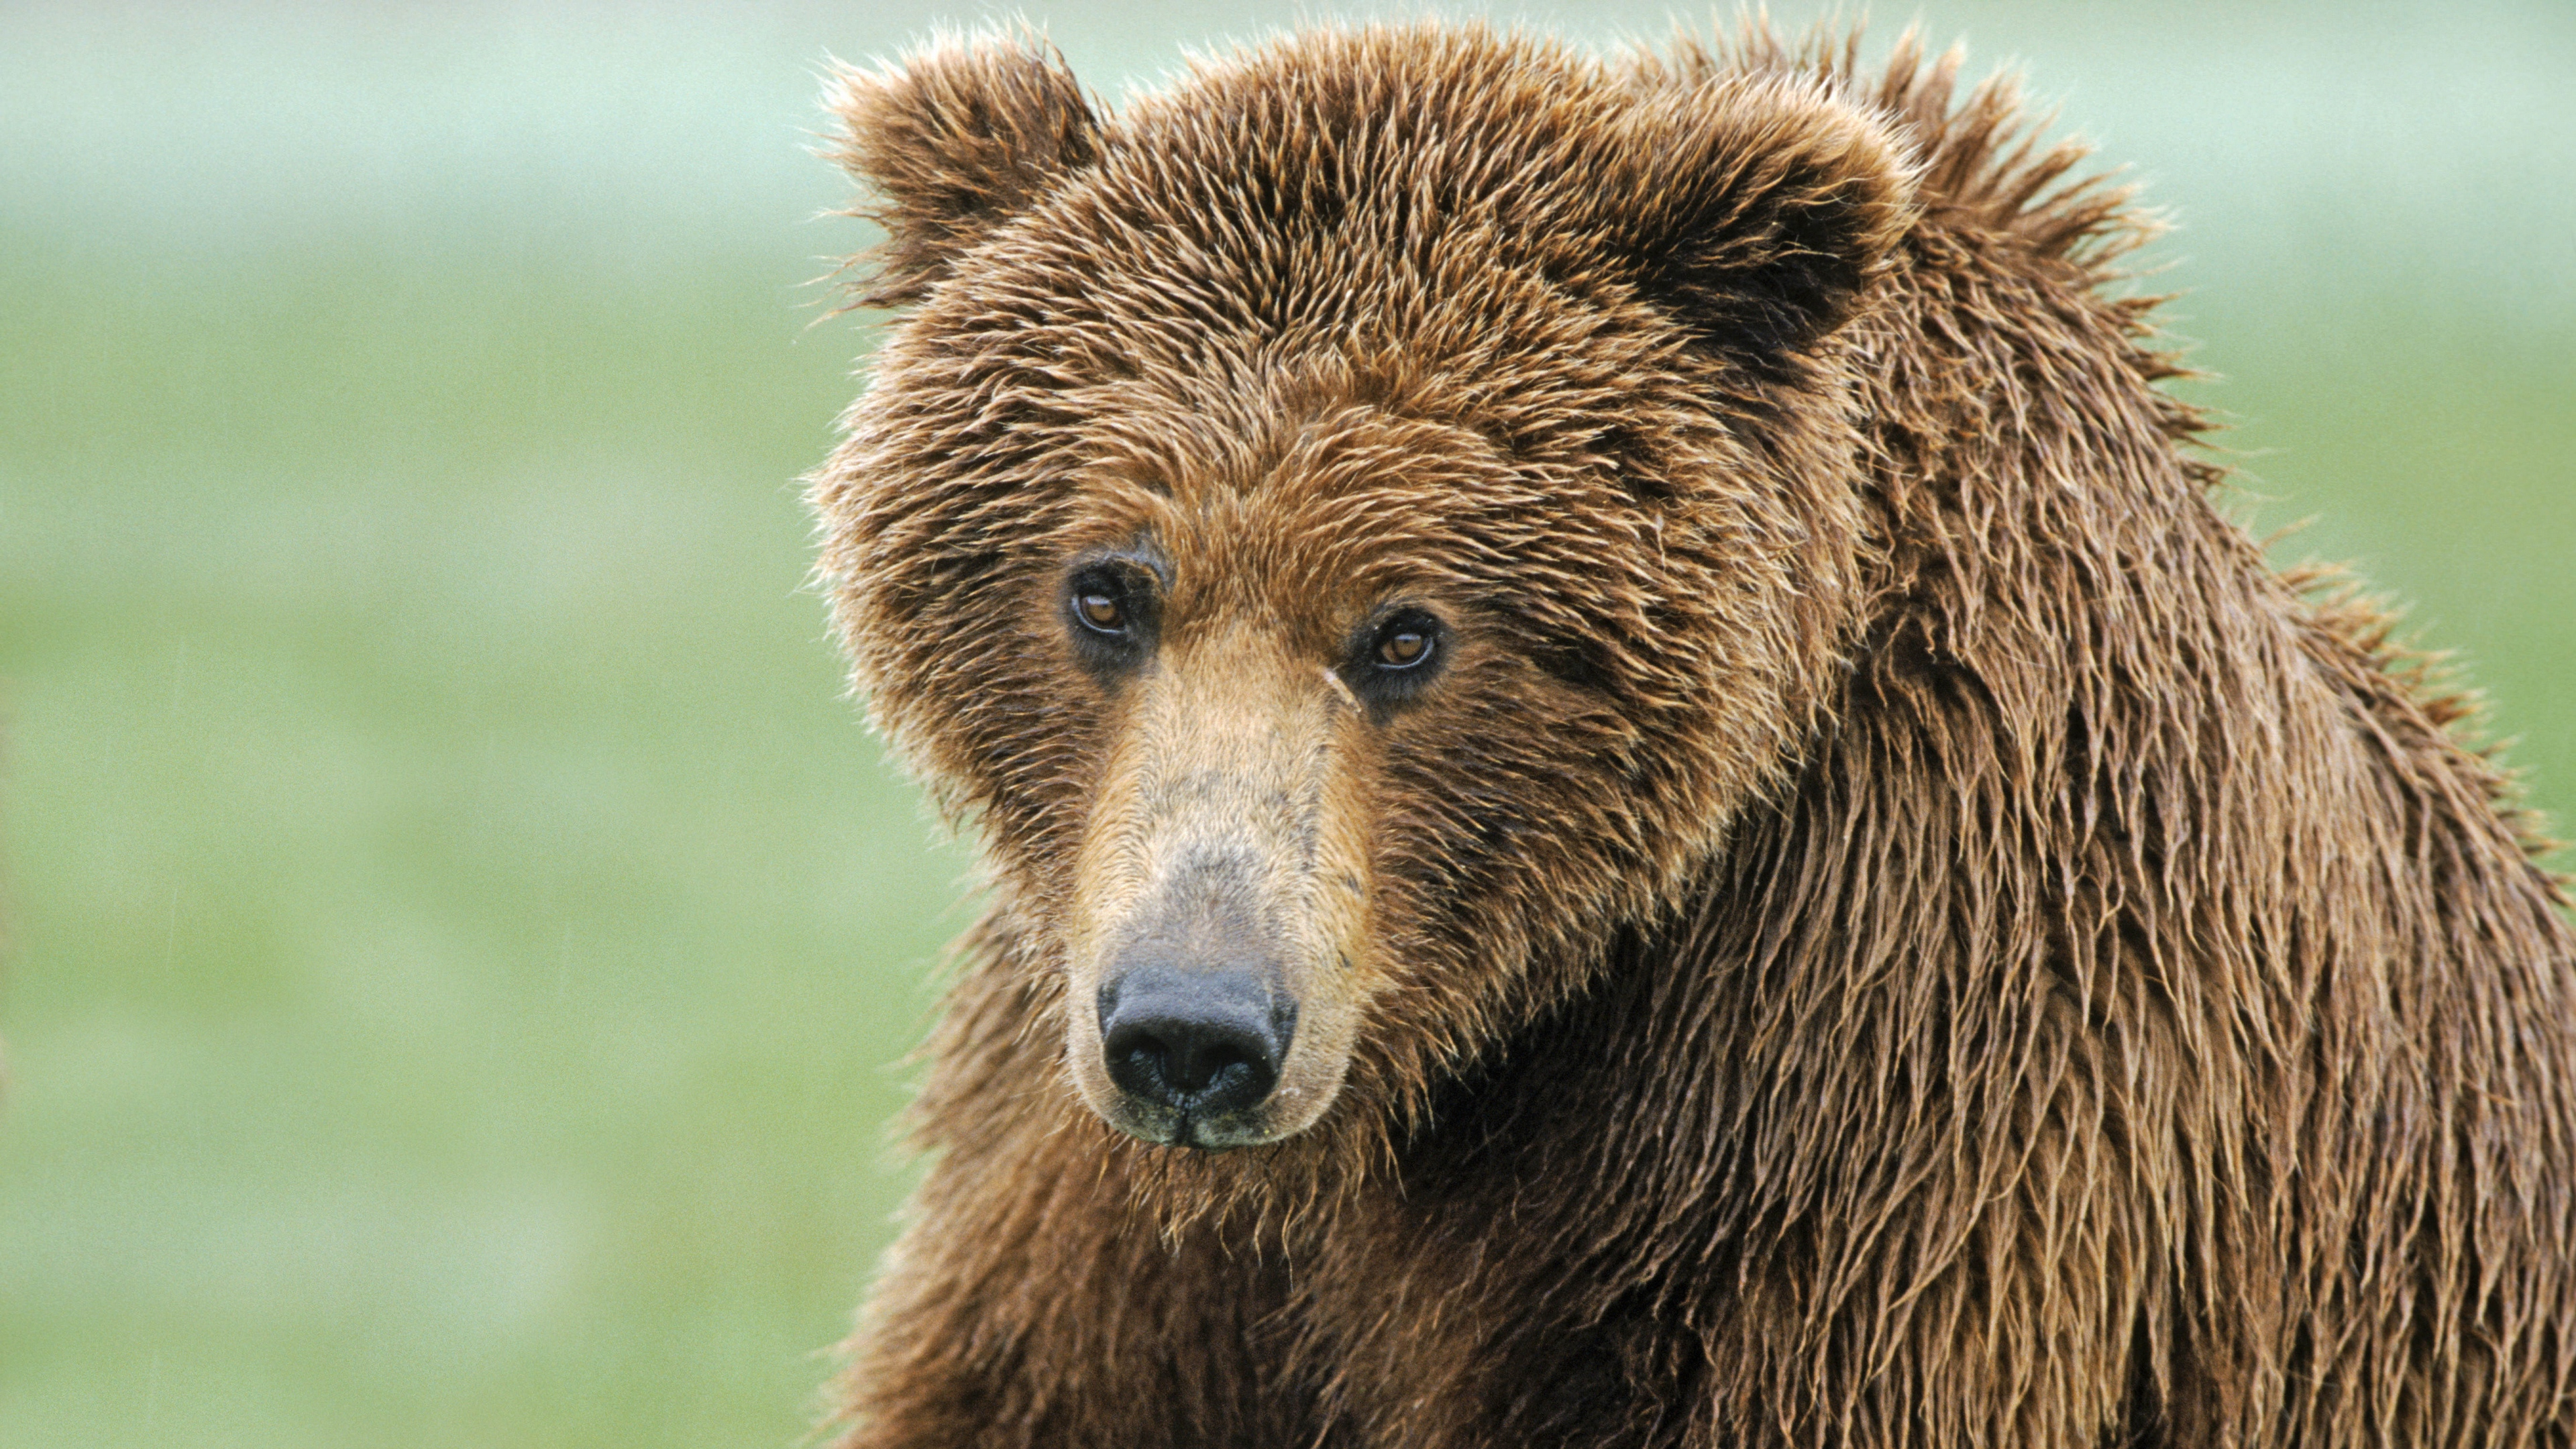 brown bear nose hair wet 4k 1542242285 - brown bear, nose, hair, wet 4k - nose, hair, brown bear